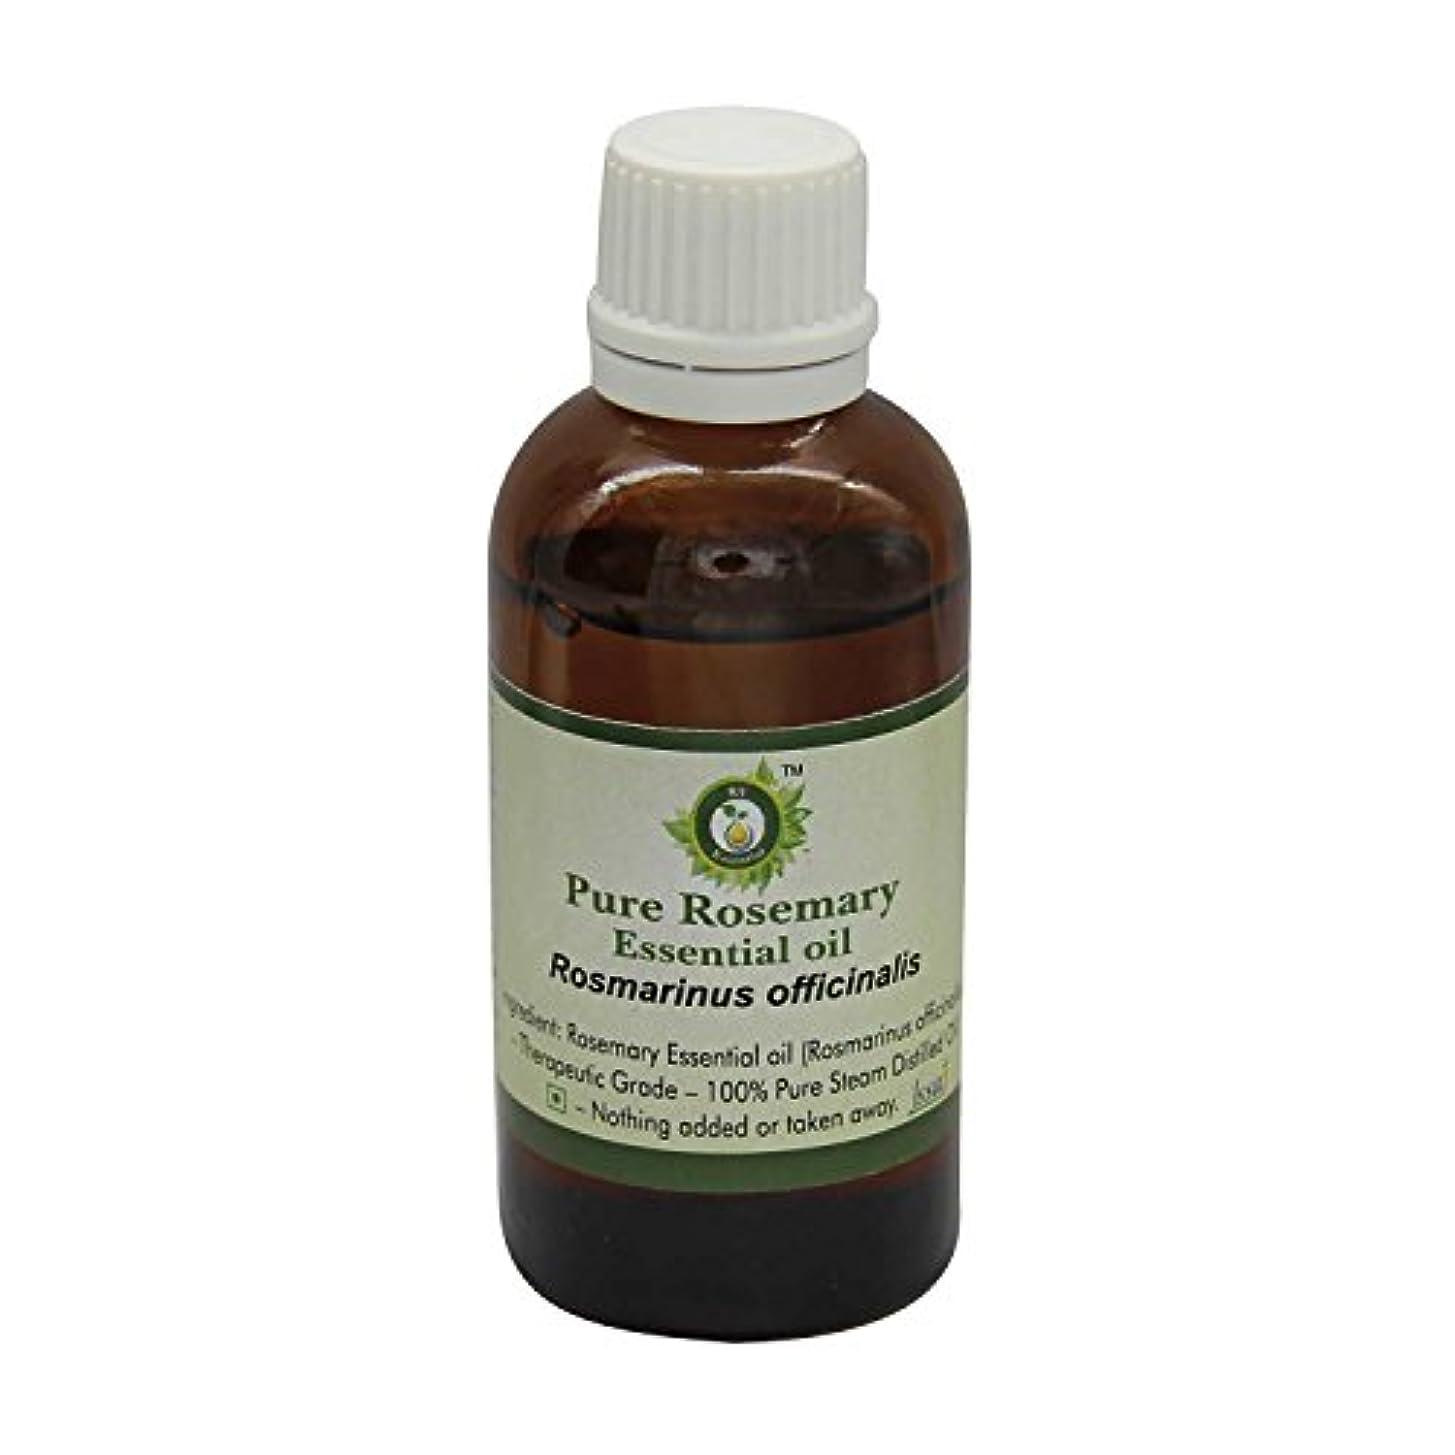 ジャンル圧縮された忘れるR V Essential ピュアローズマリーエッセンシャルオイル30ml (1.01oz)- Rosmarinus Officinalis (100%純粋&天然スチームDistilled) Pure Rosemary...